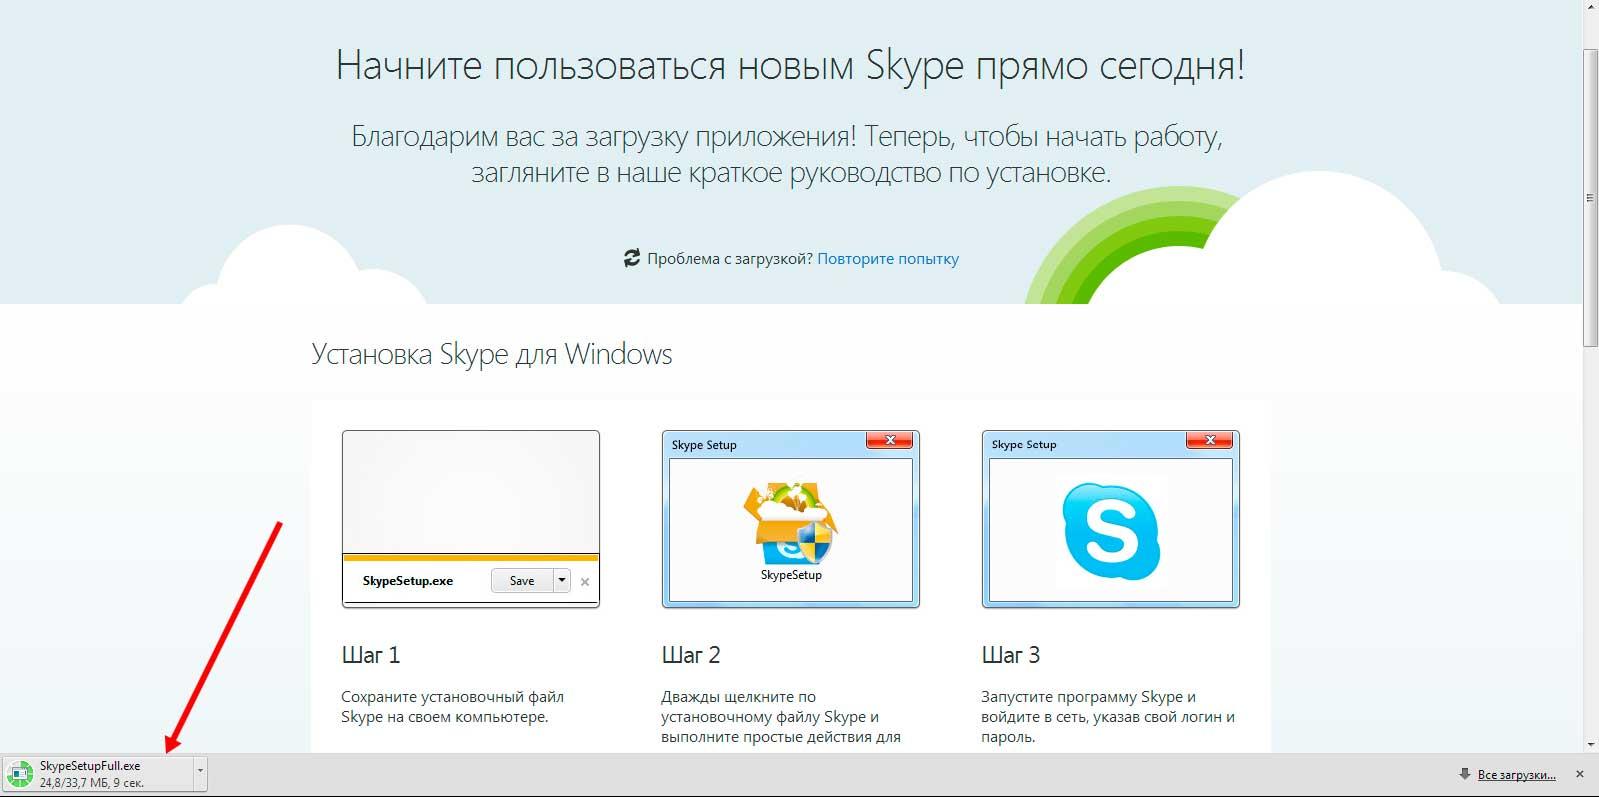 Как скачать скайп на компьютер бесплатно